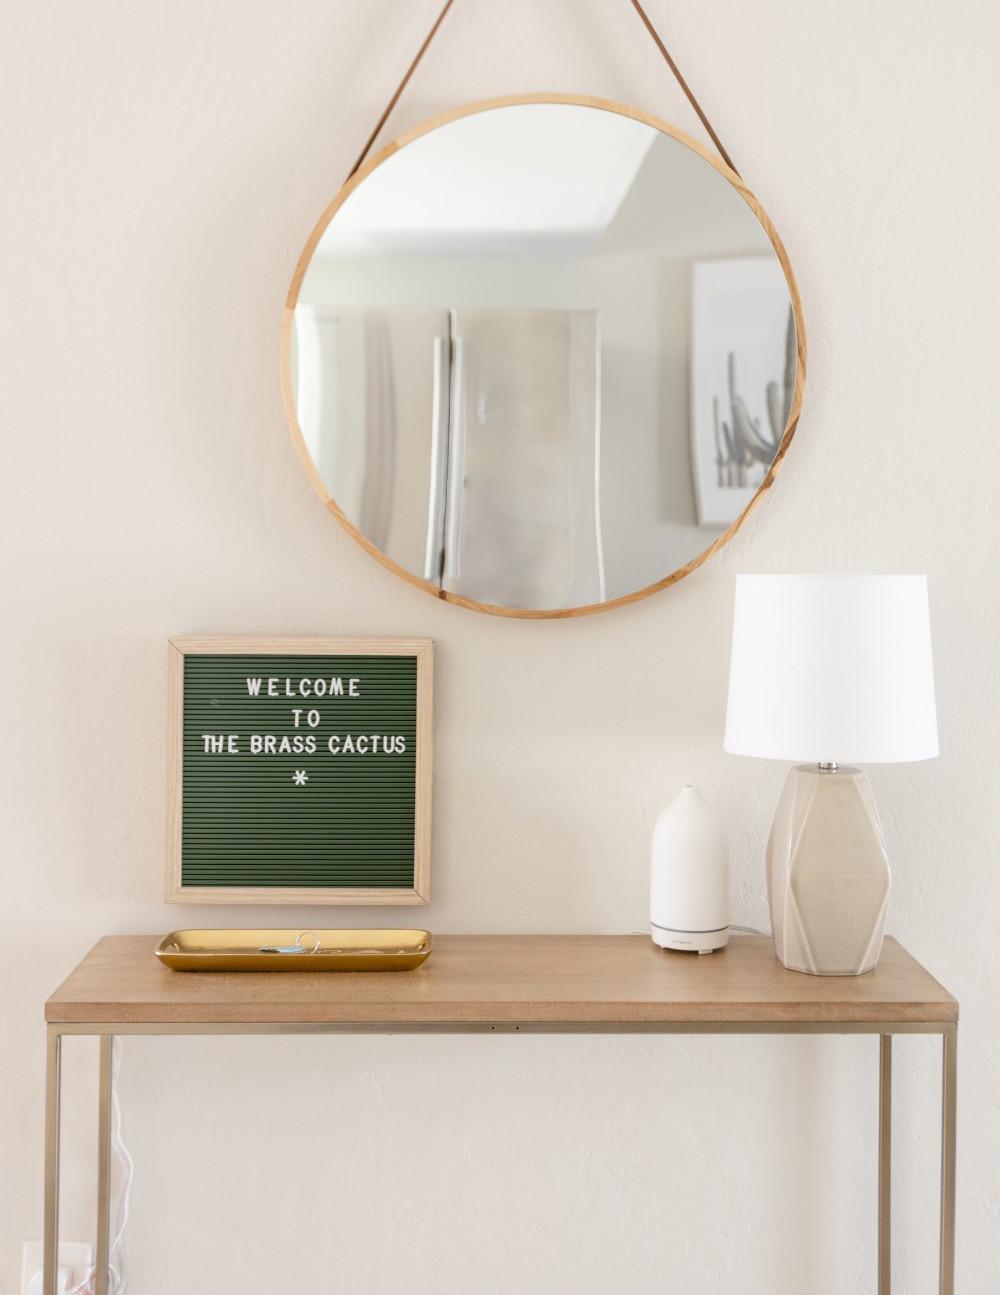 Scottsdale Airbnb, Airbnb Hosting, Scottsdale Airbnb, Phoenix Airbnb